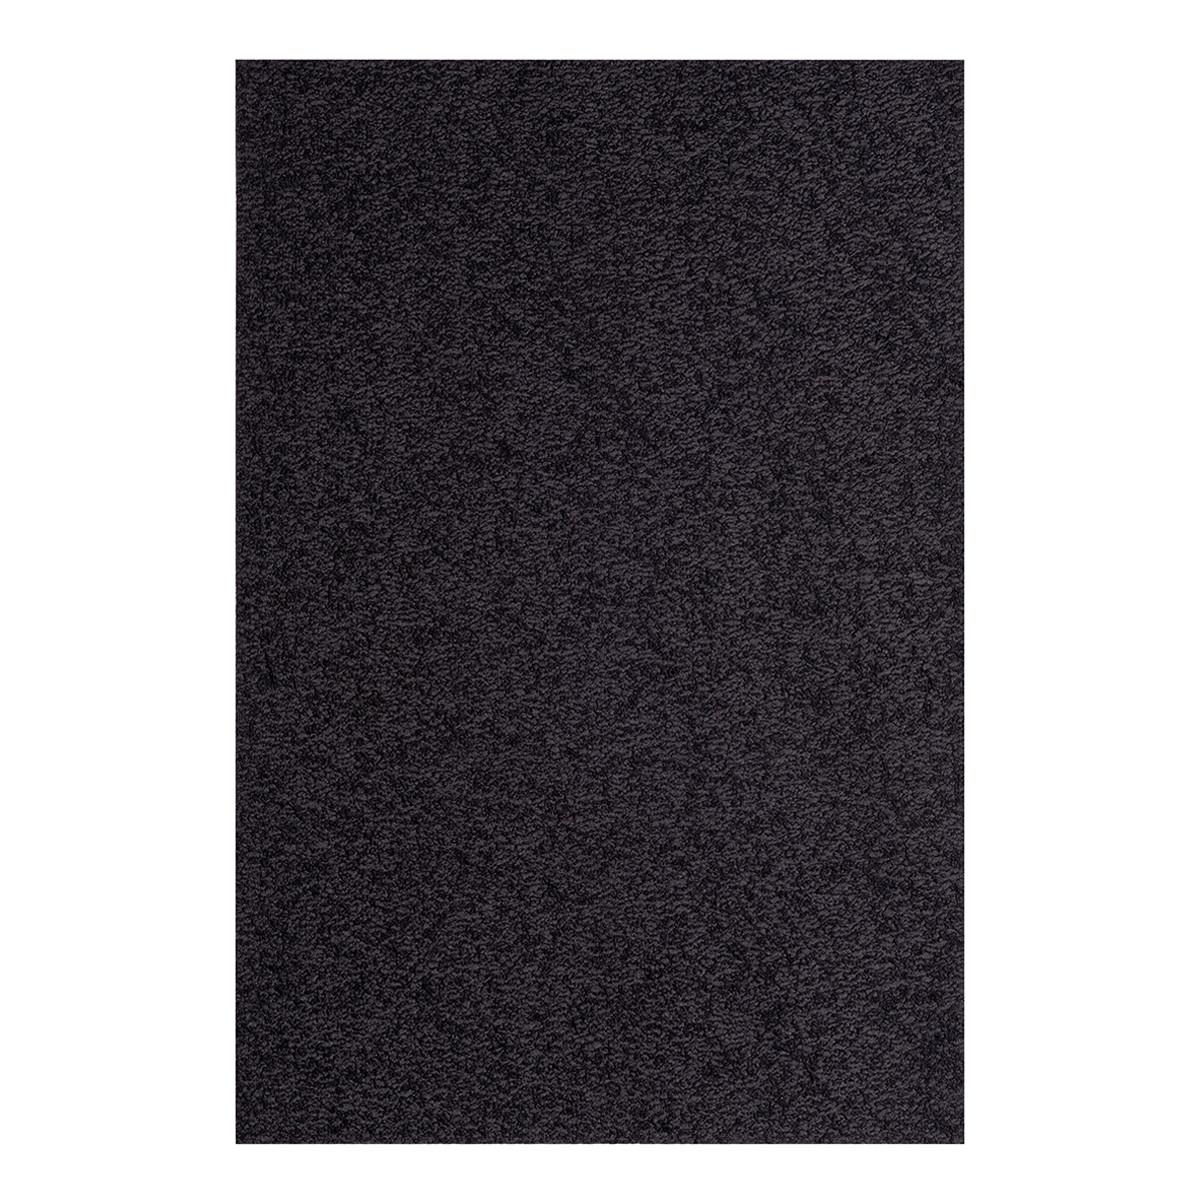 Фоаміран ЕВА чорний махровий, 200 * 300 мм, товщина 2 мм, 10 листів